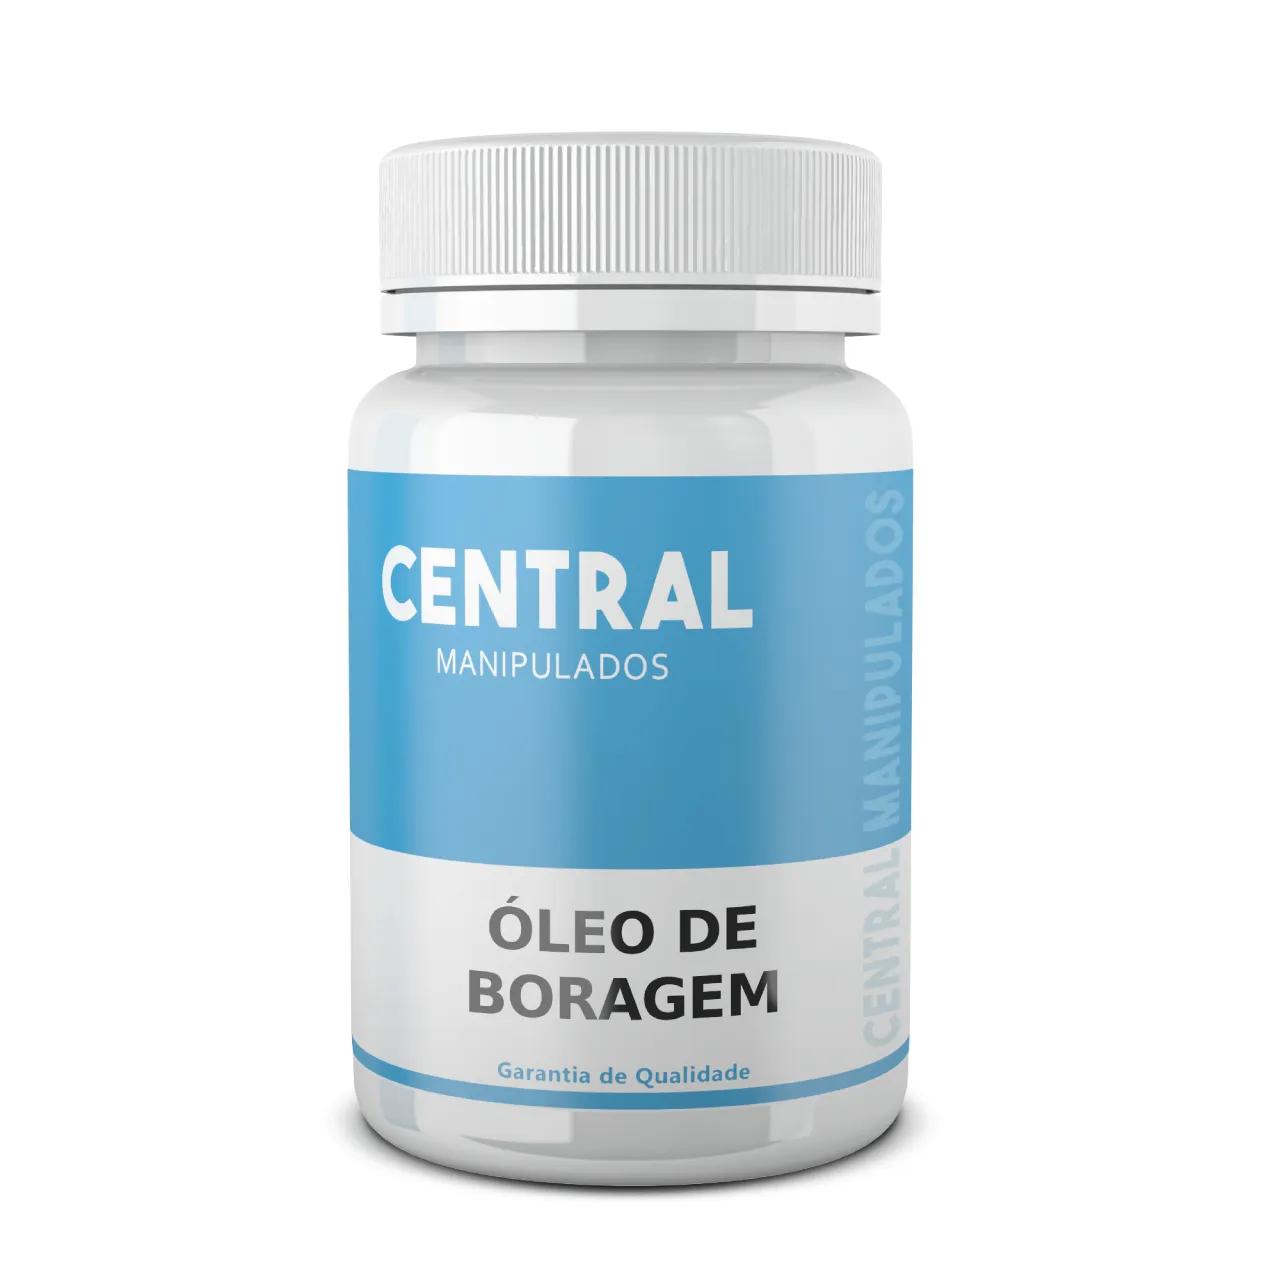 Óleo de Boragem 500mg - 90 cápsulas - Bom para Inflamações de Pele, TPM, Problemas Reumáticos